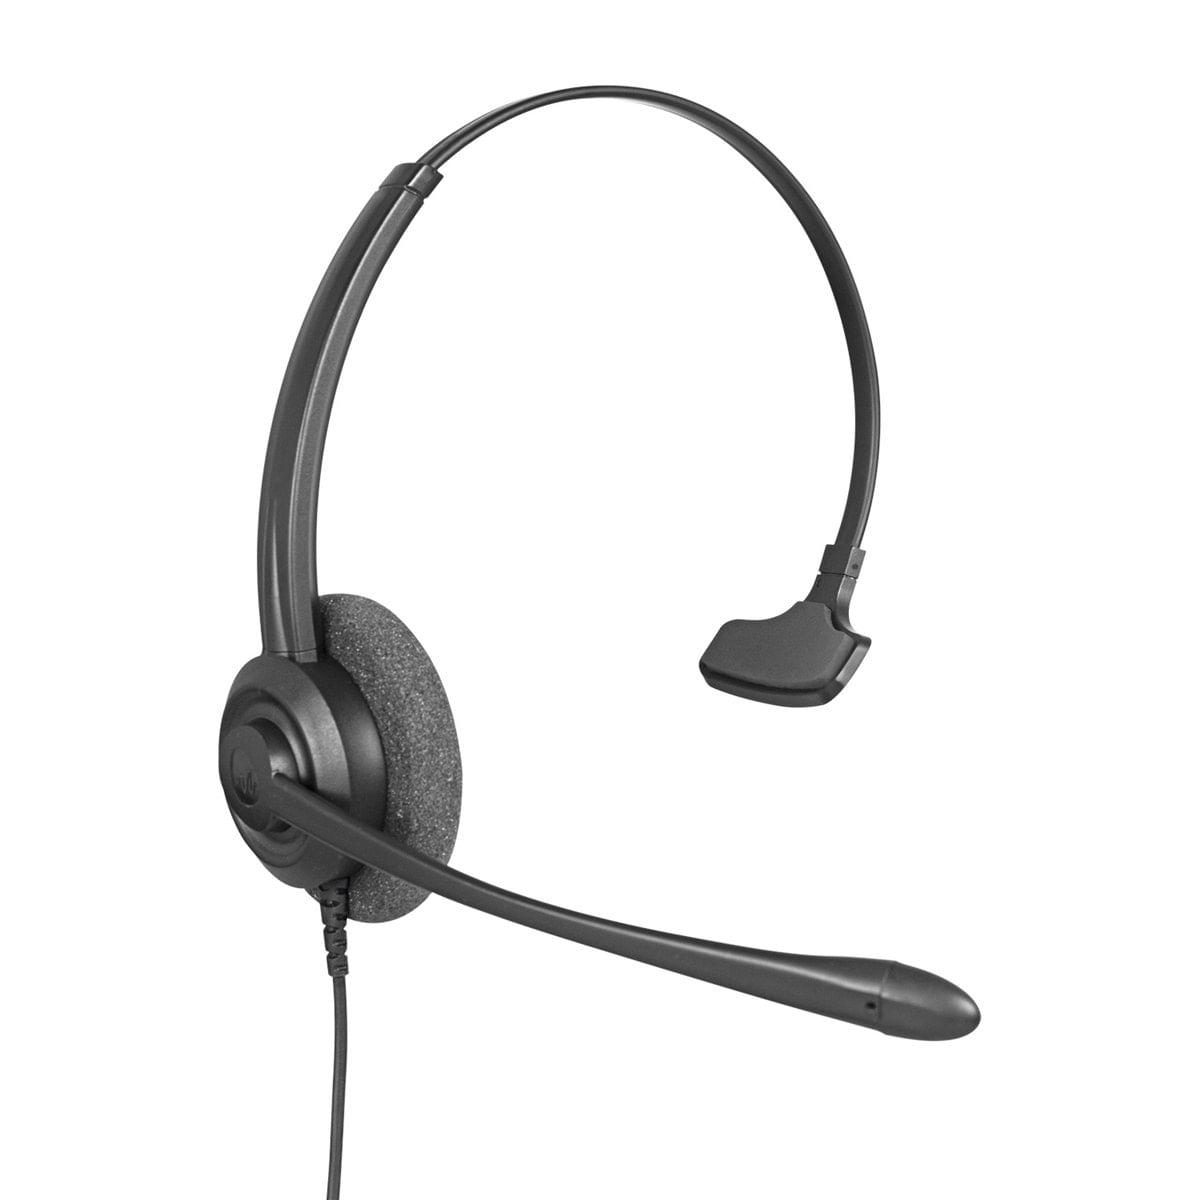 Fone de Ouvido Headset Intelbras Chs50